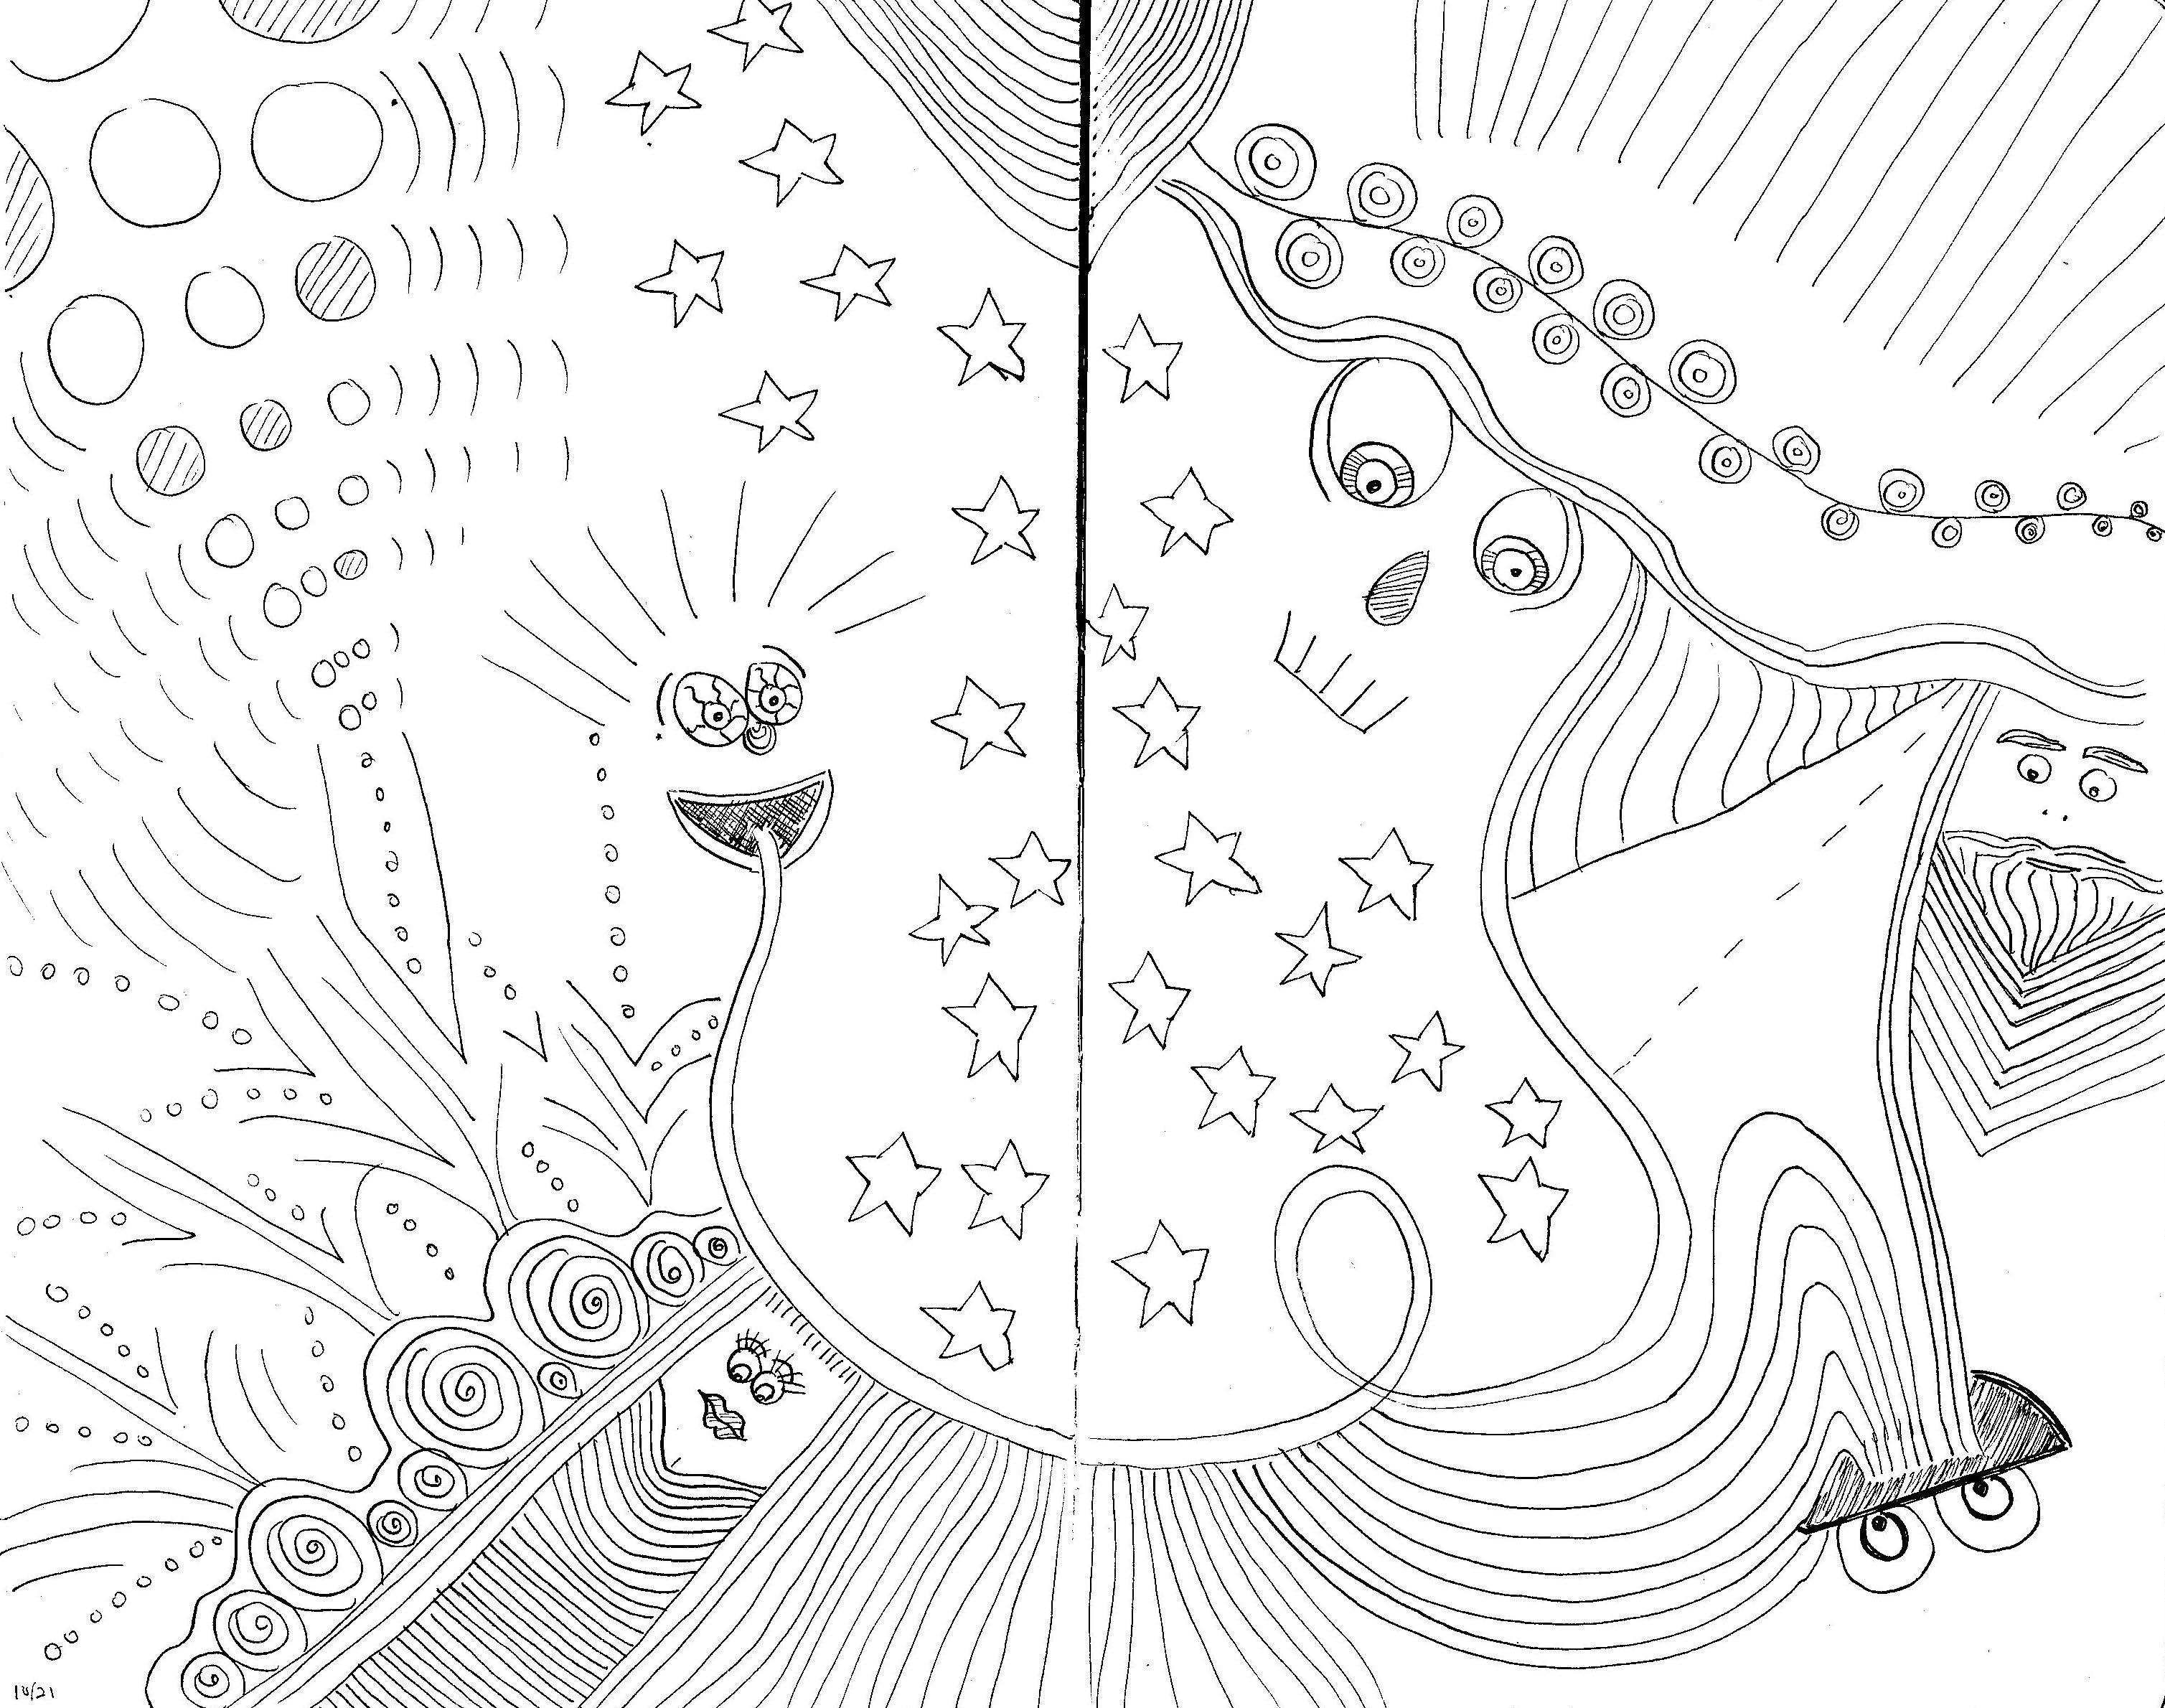 3017x2380 Sketch Making Made